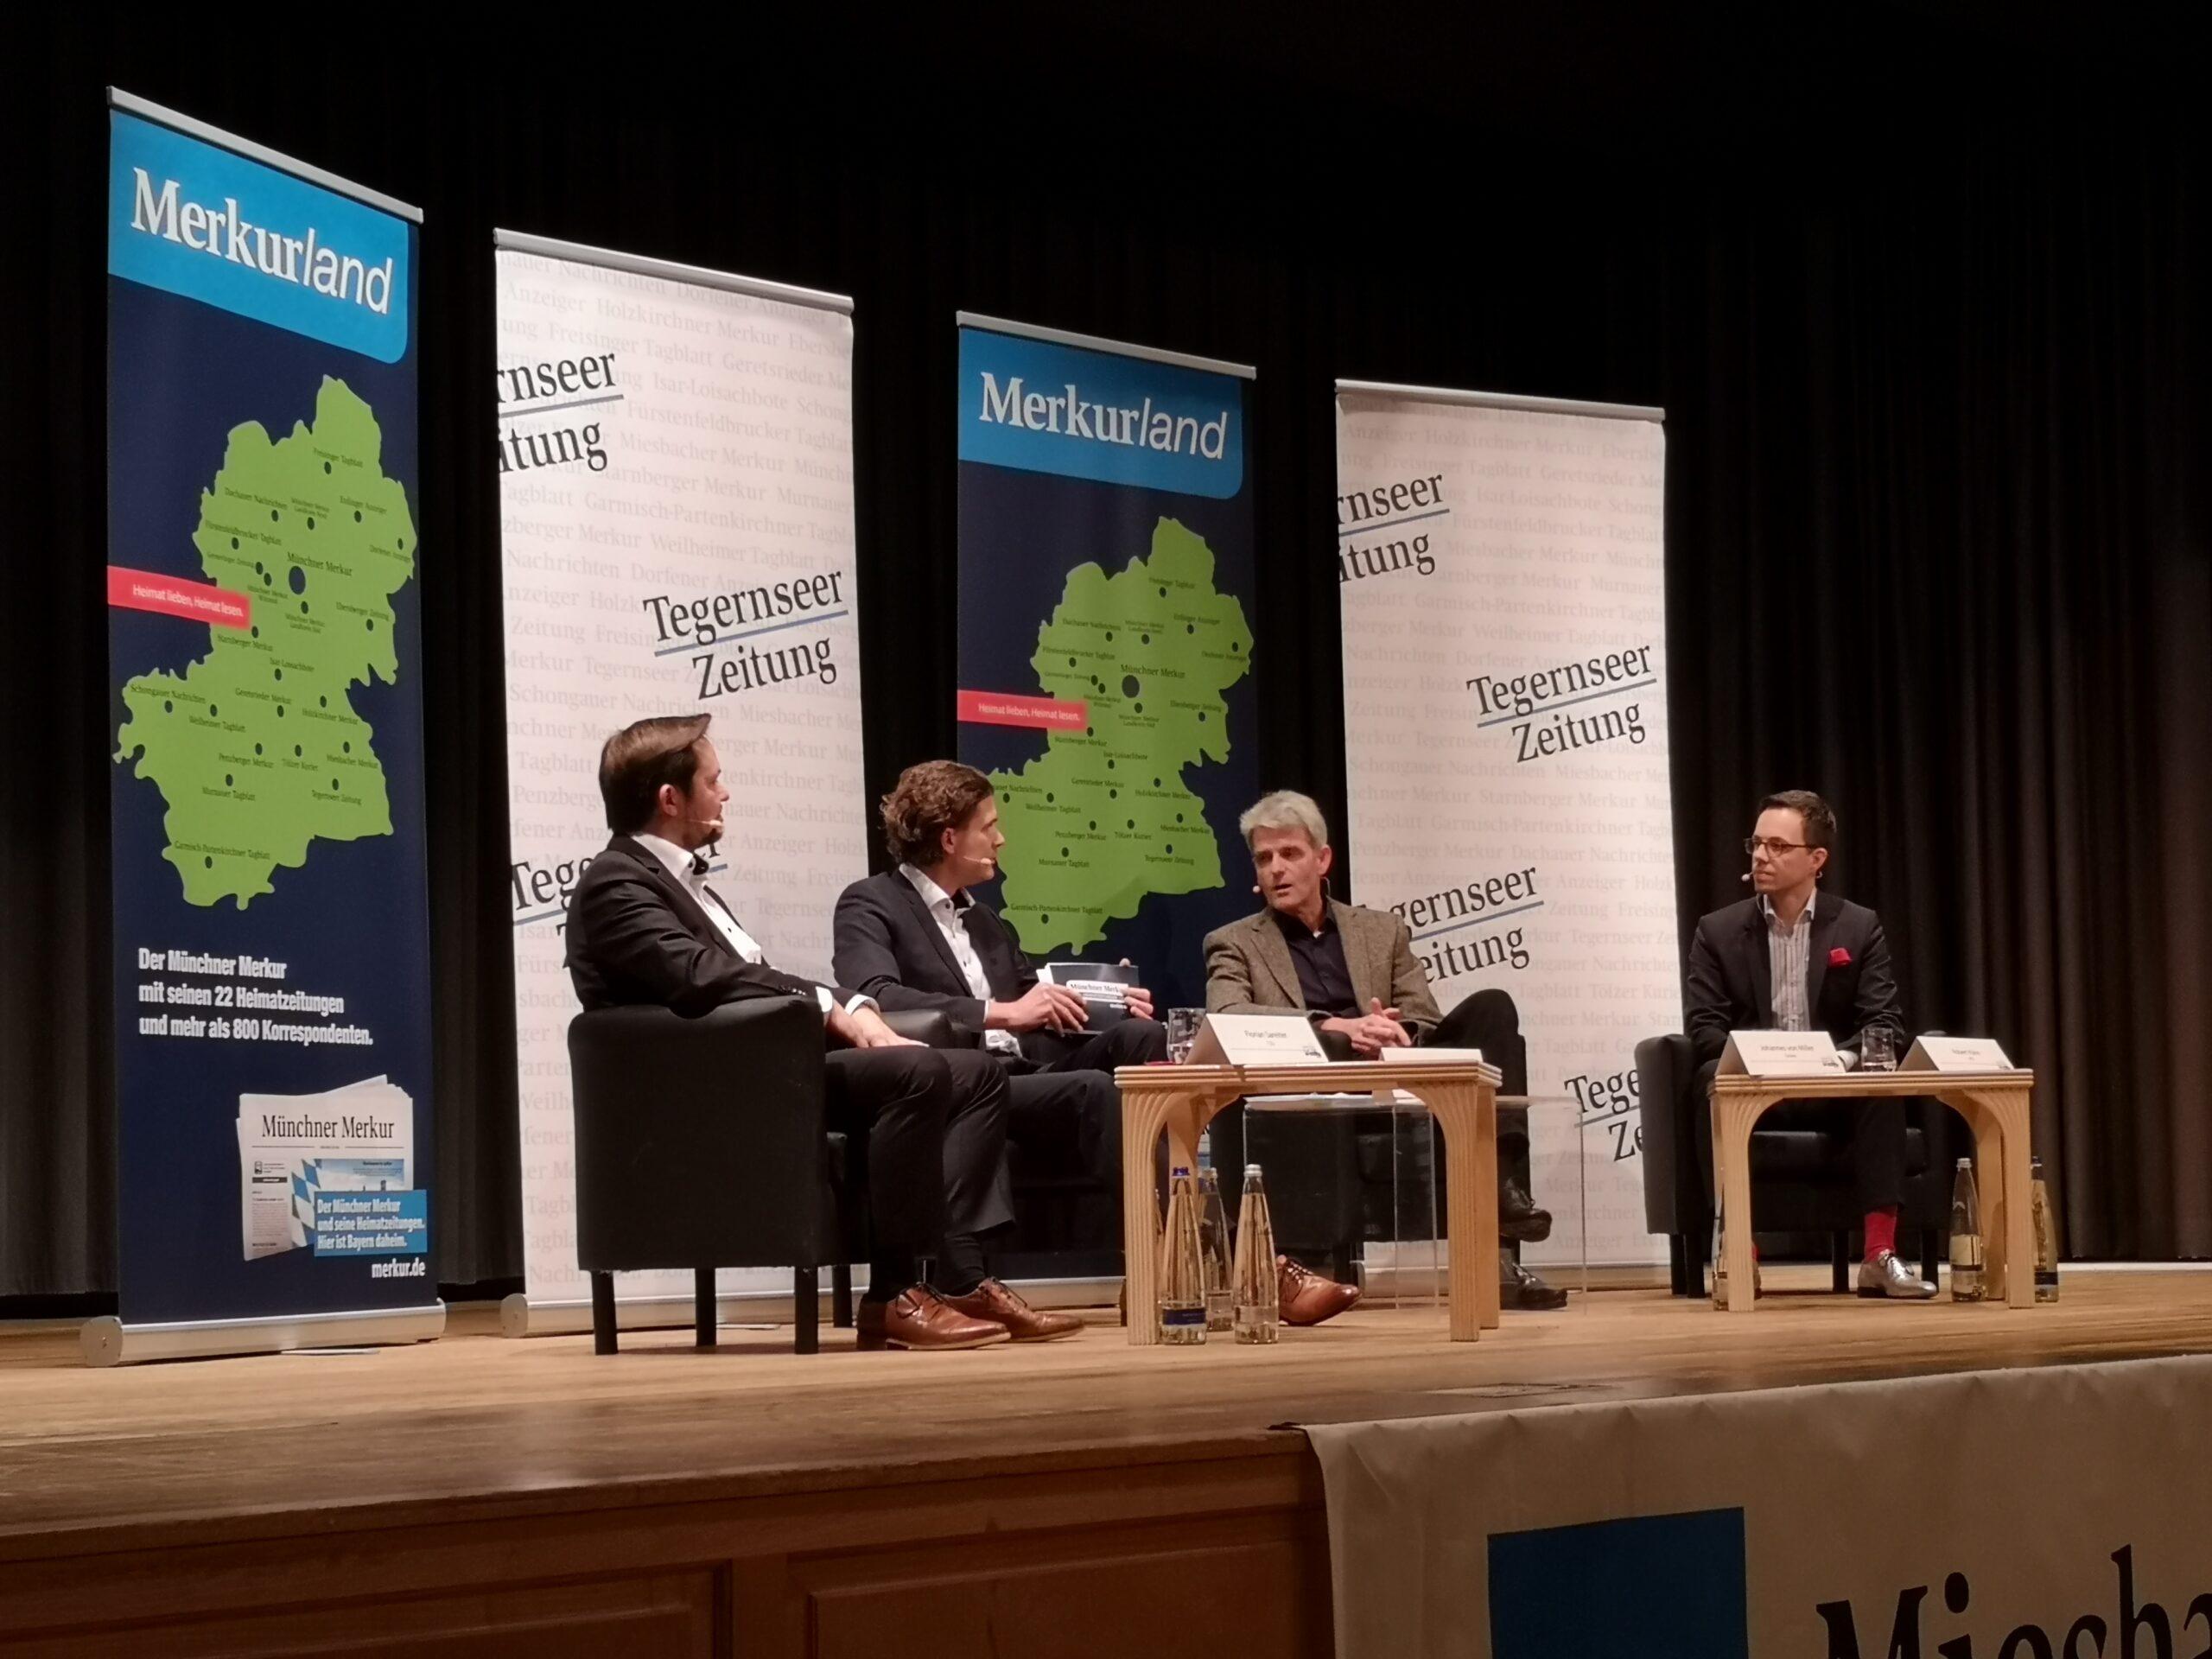 Podiumsdiskussion der Bürgermeisterkandidaten in Bad Wiessee